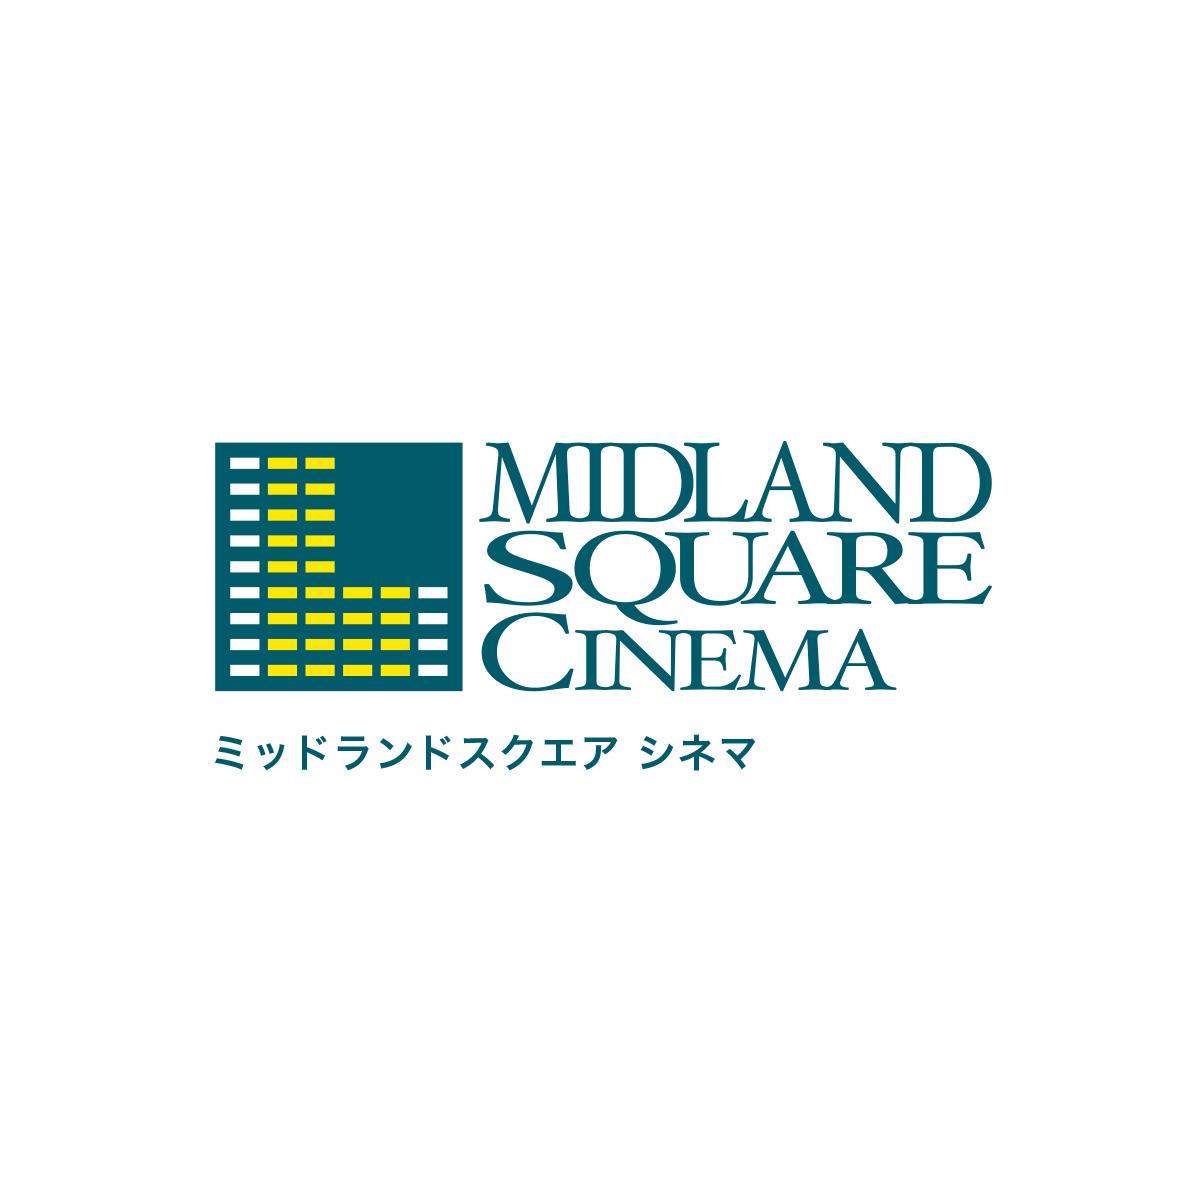 空港 ミッドランド シネマ 名古屋